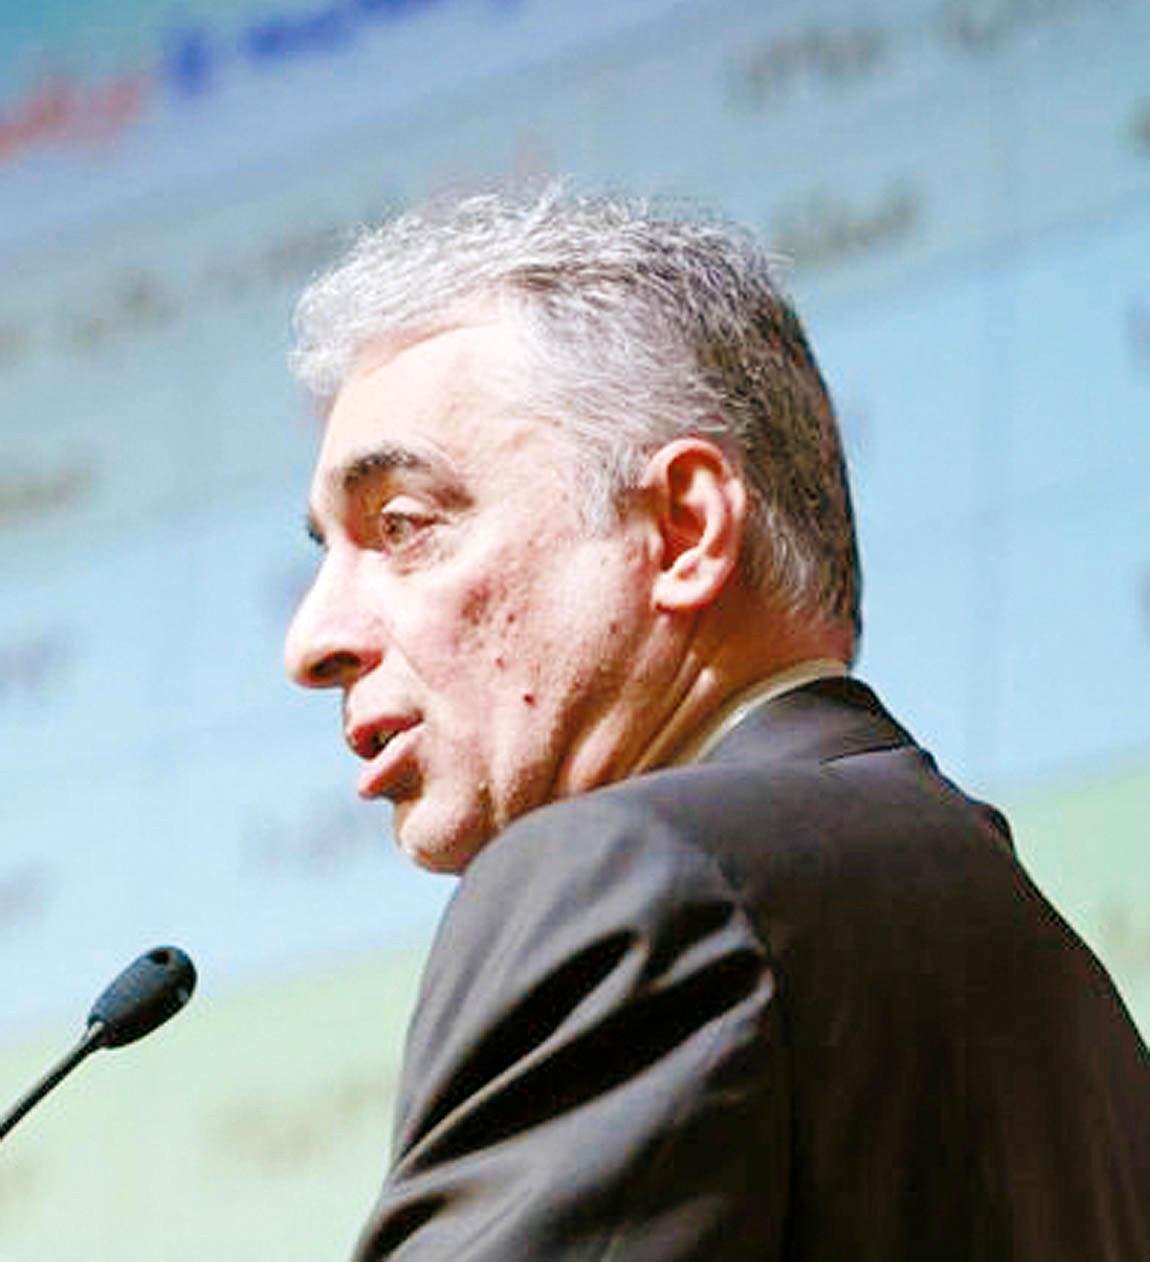 528 میلیون تن ماده معدنی جدید به ذخائر شرکت مس اضافه شد